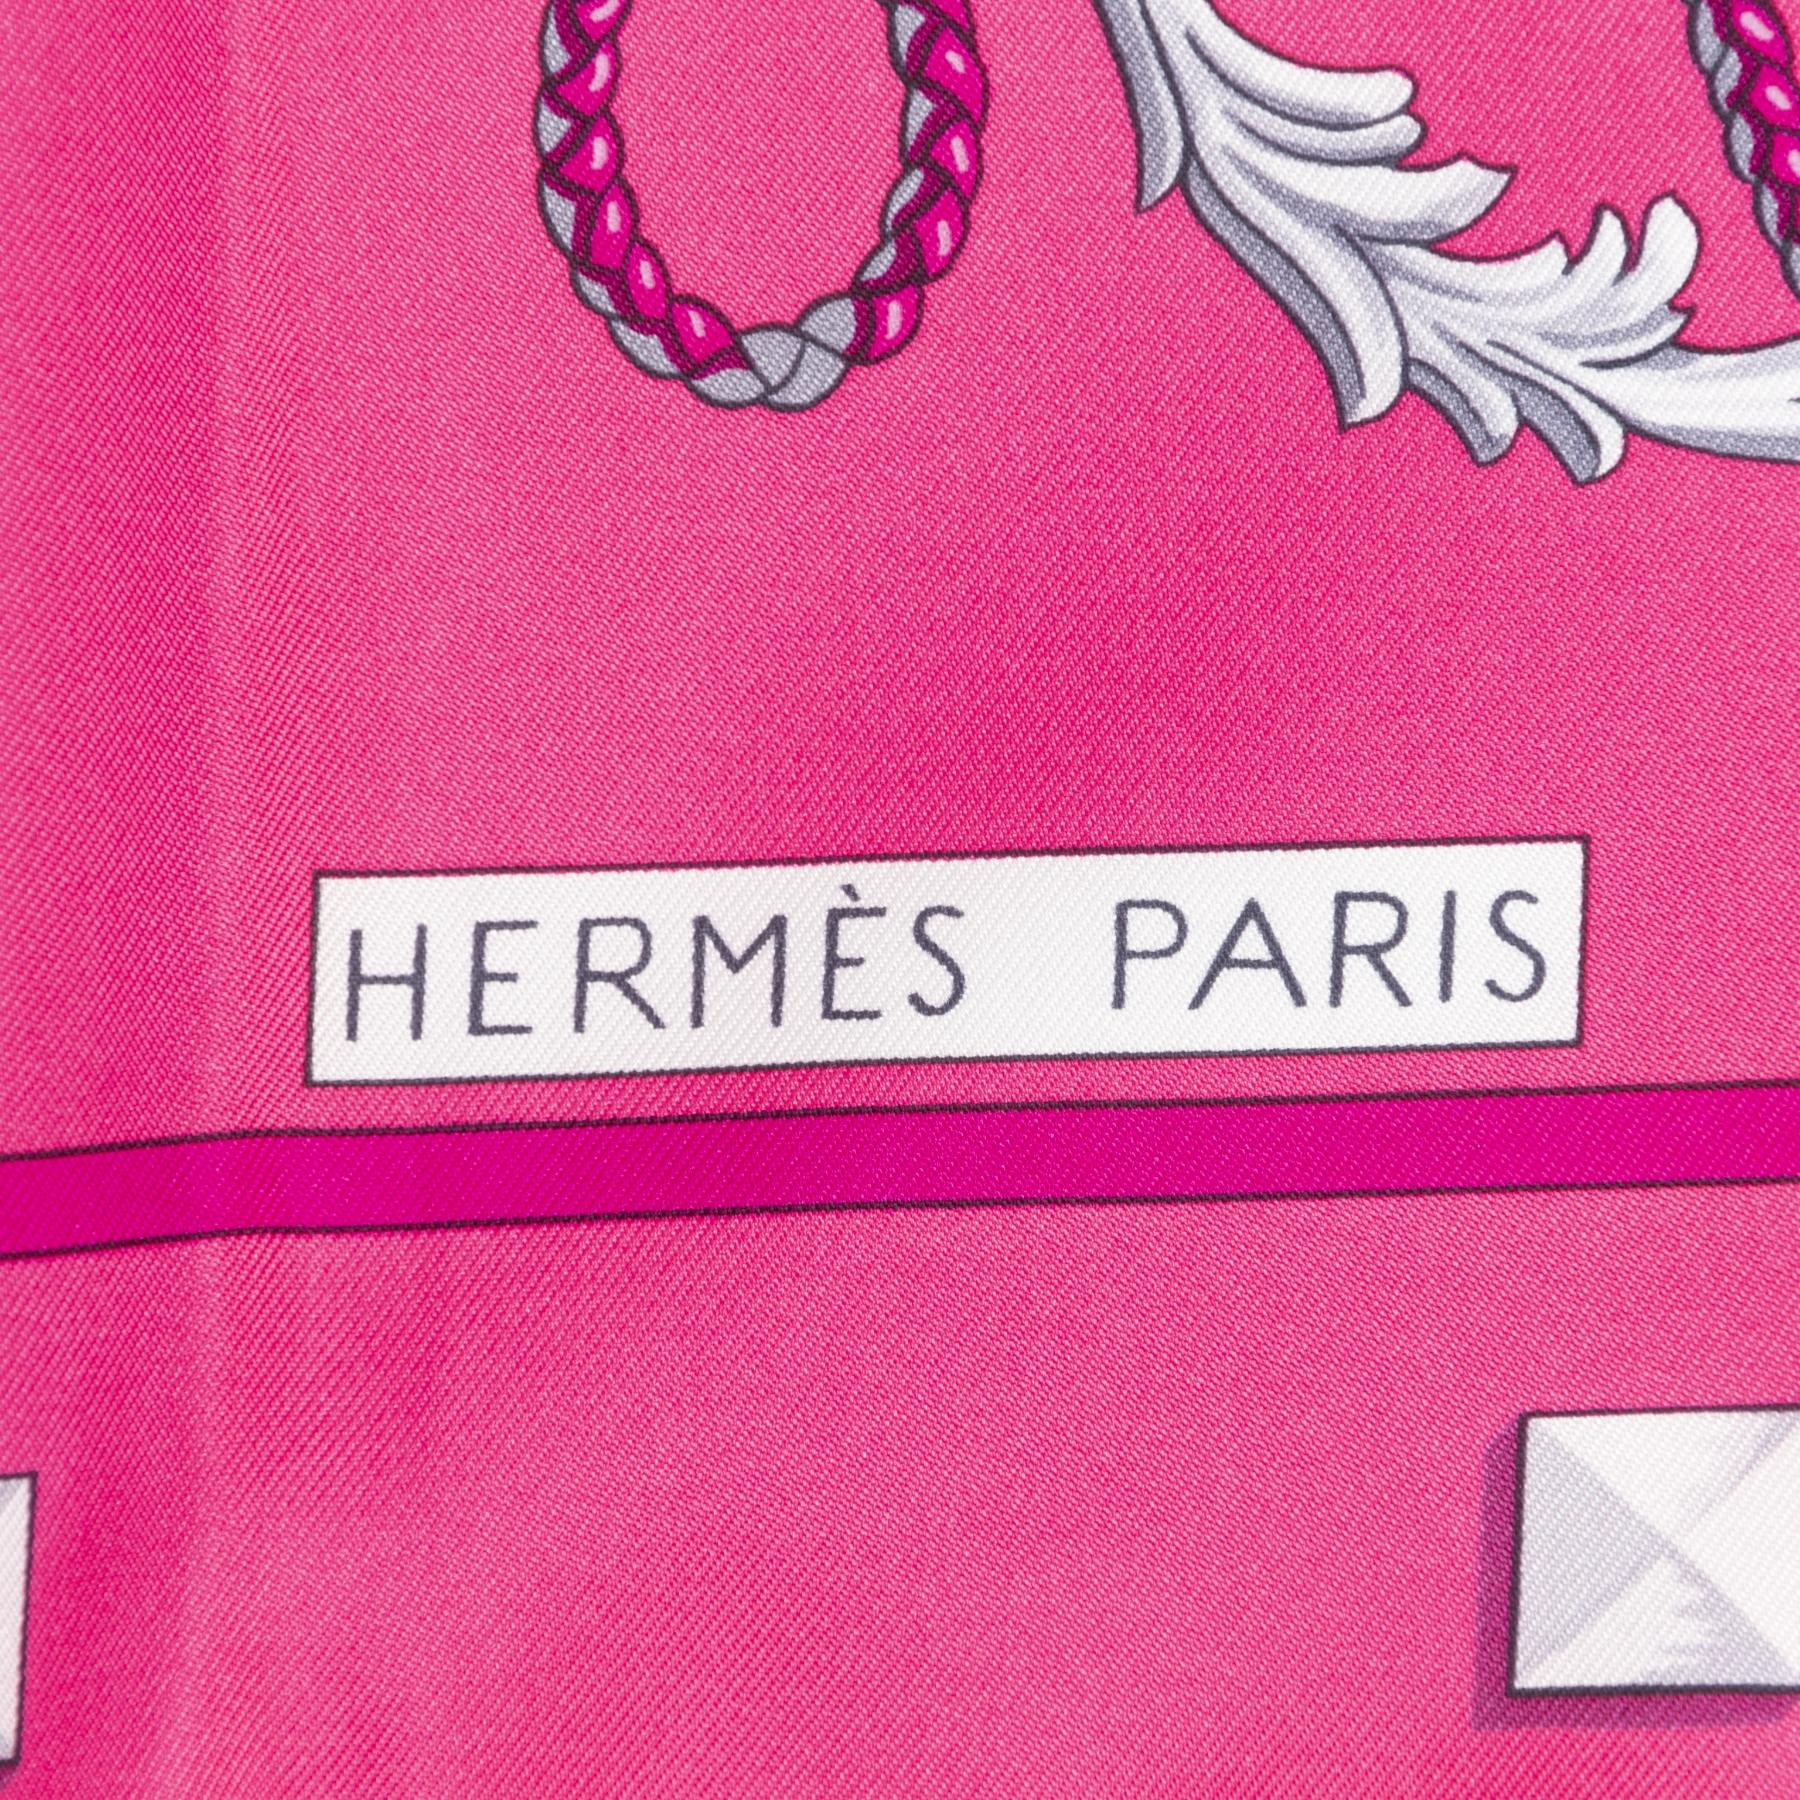 Authentieke Tweedehands Hermès Carré Les Clés Scarf juiste prijs veilig online shoppen luxe merken webshop winkelen Antwerpen België mode fashion